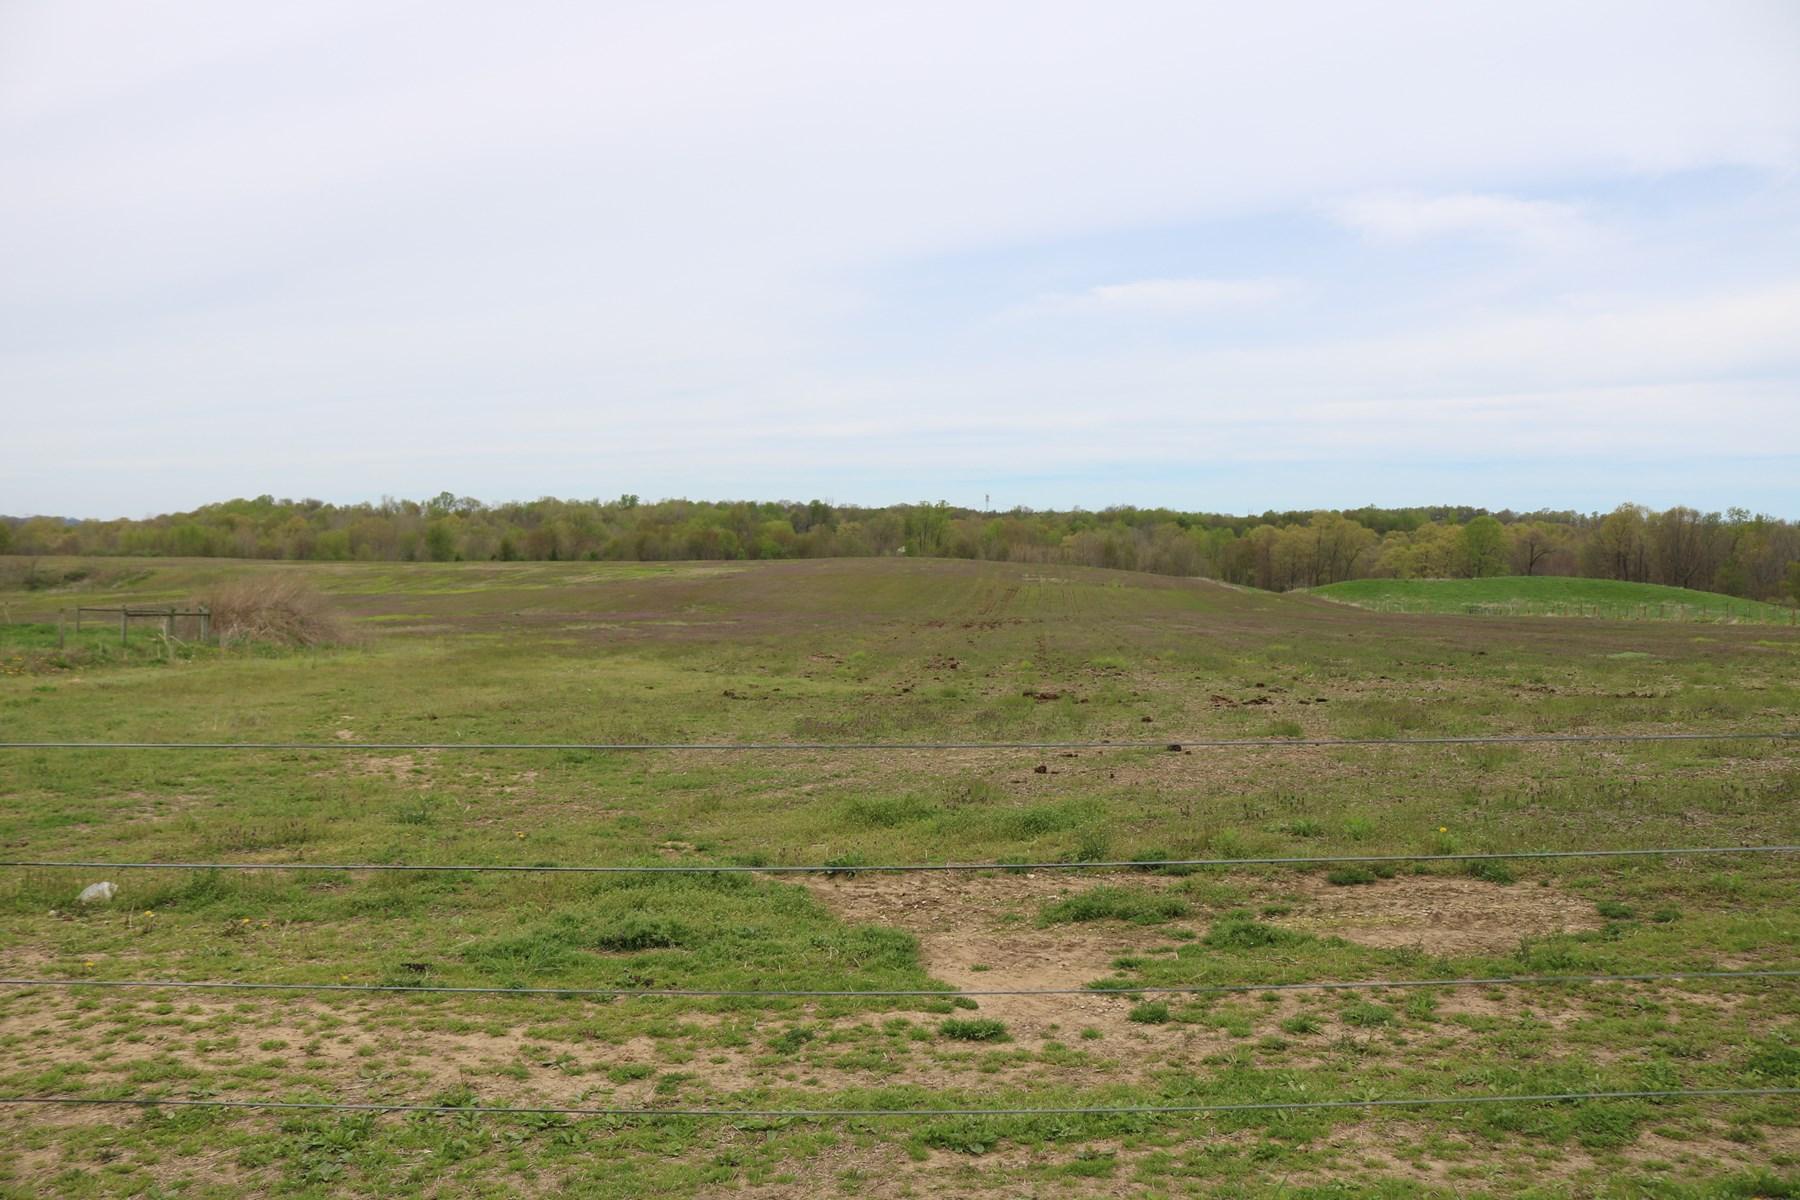 Grain & Livestock Farm